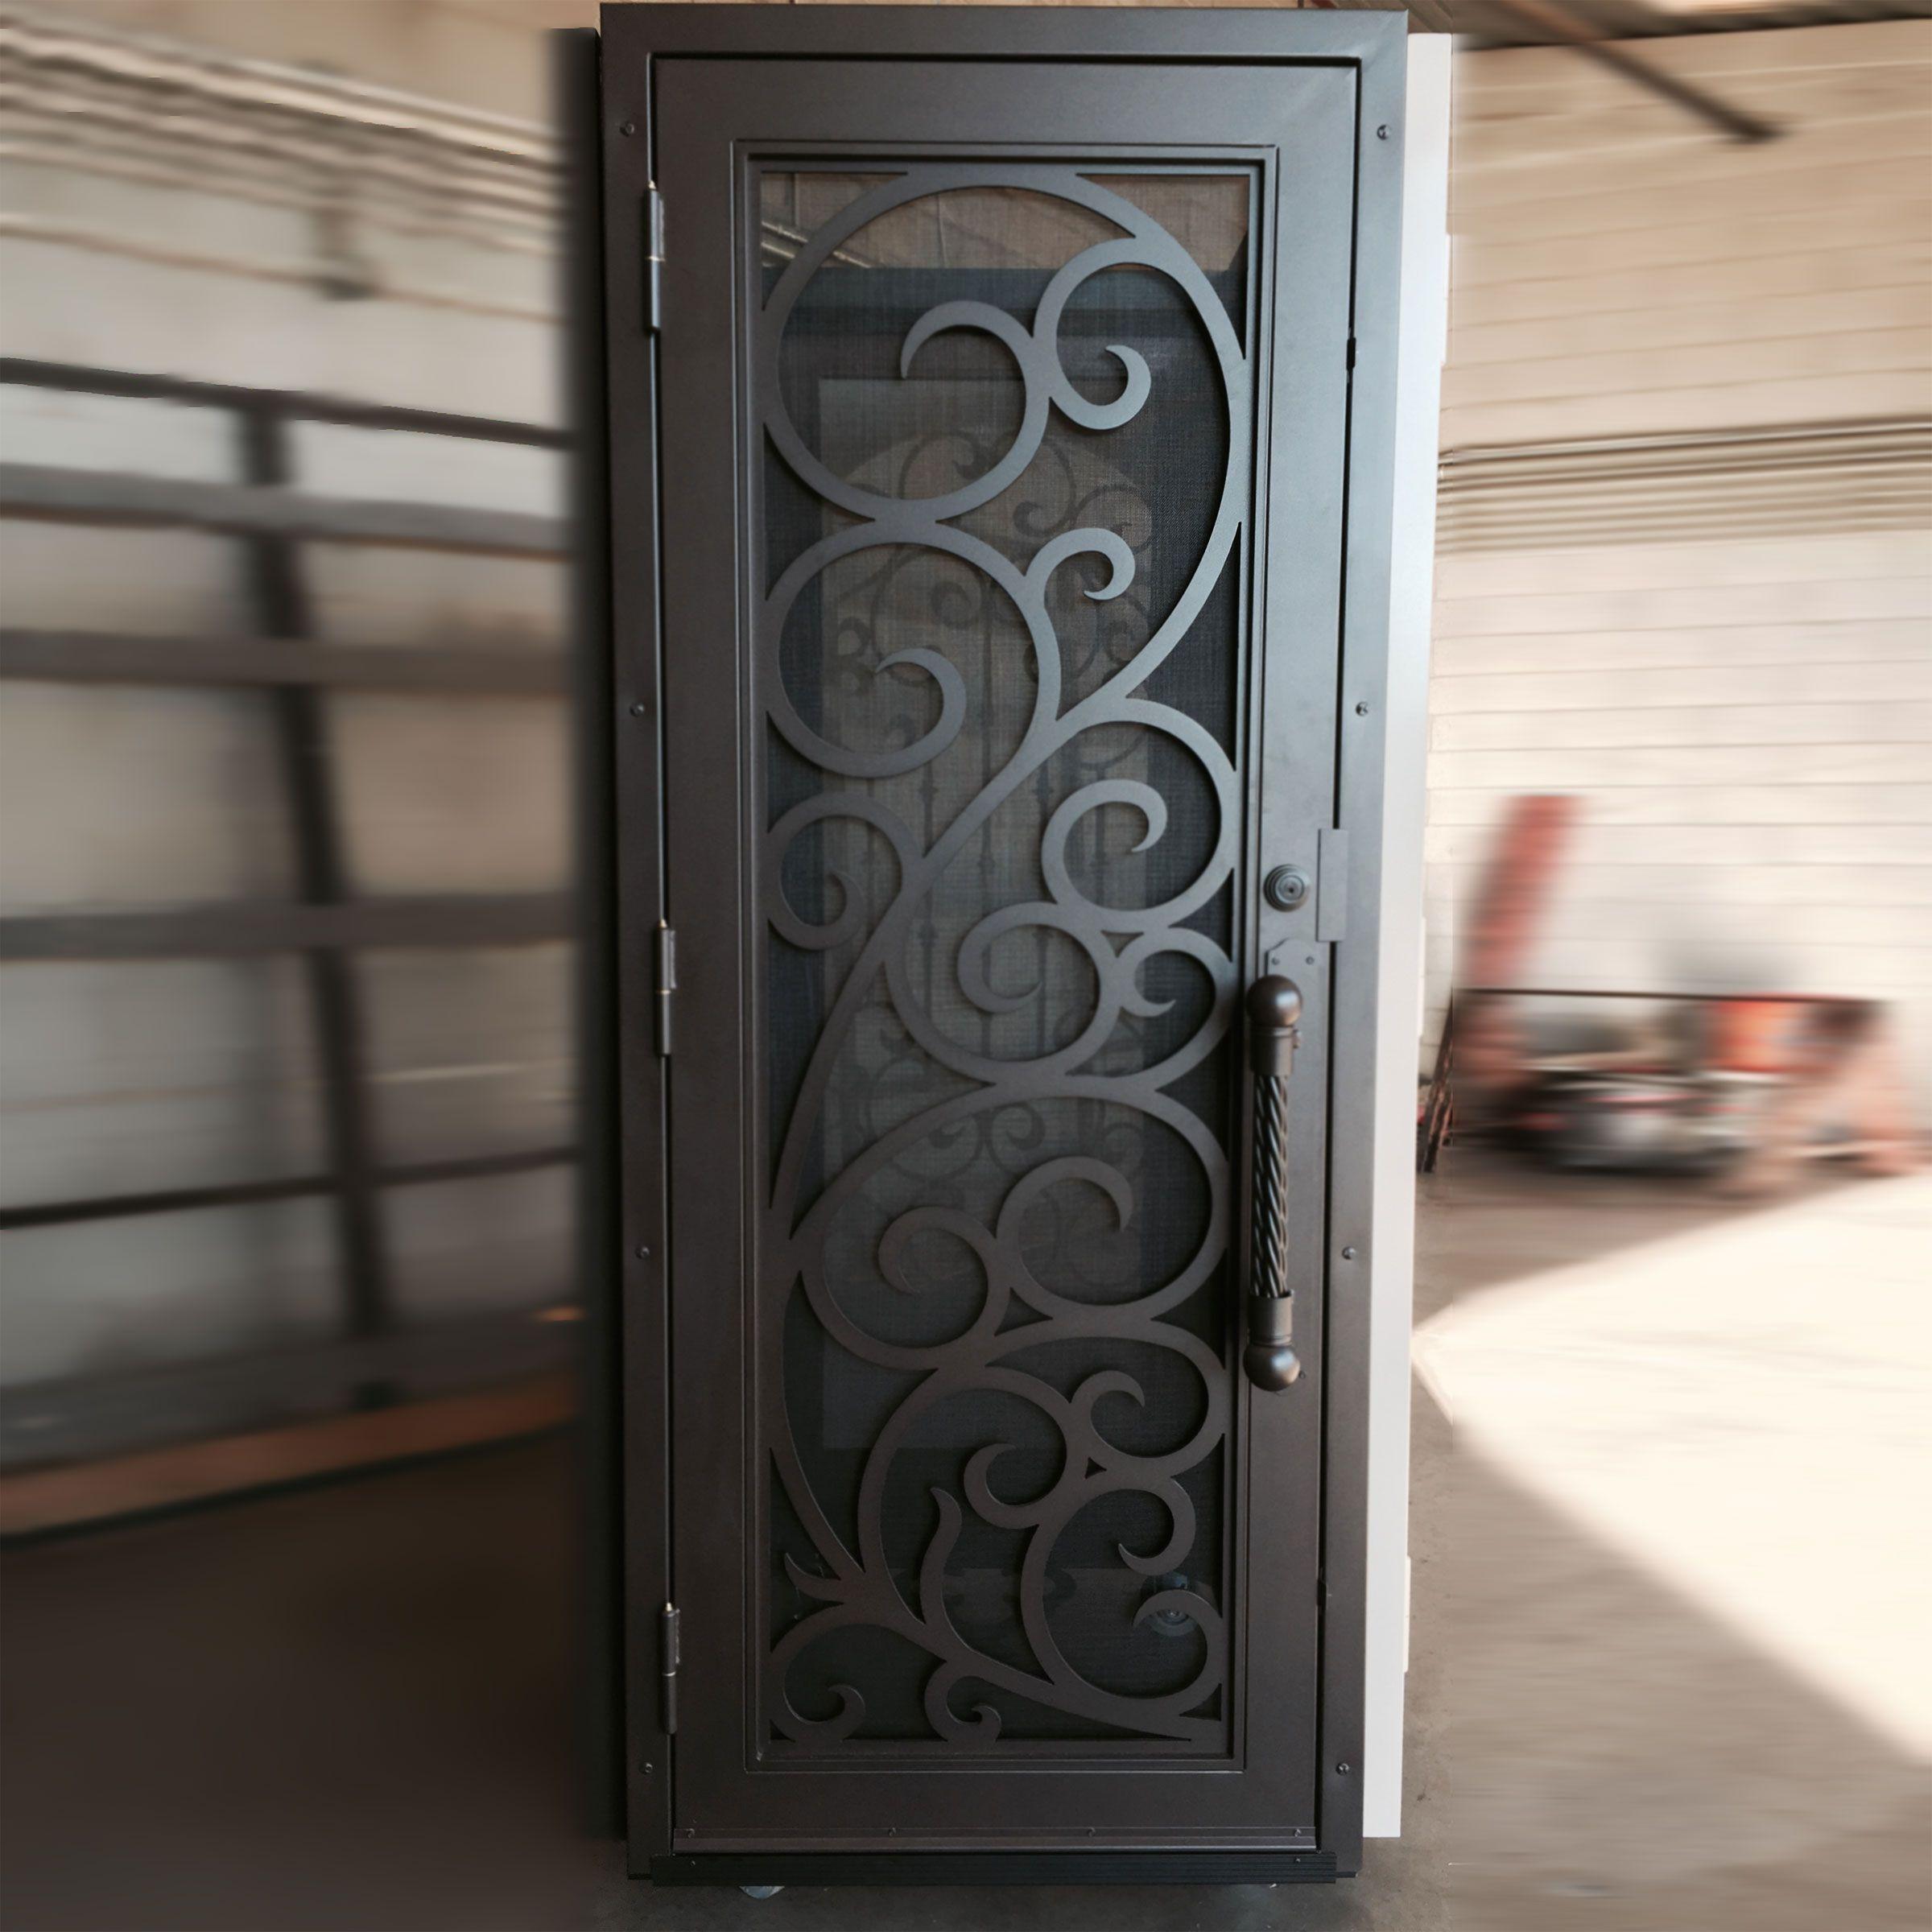 Florentine Exclusive Hd Security Screen Door Con Imagenes